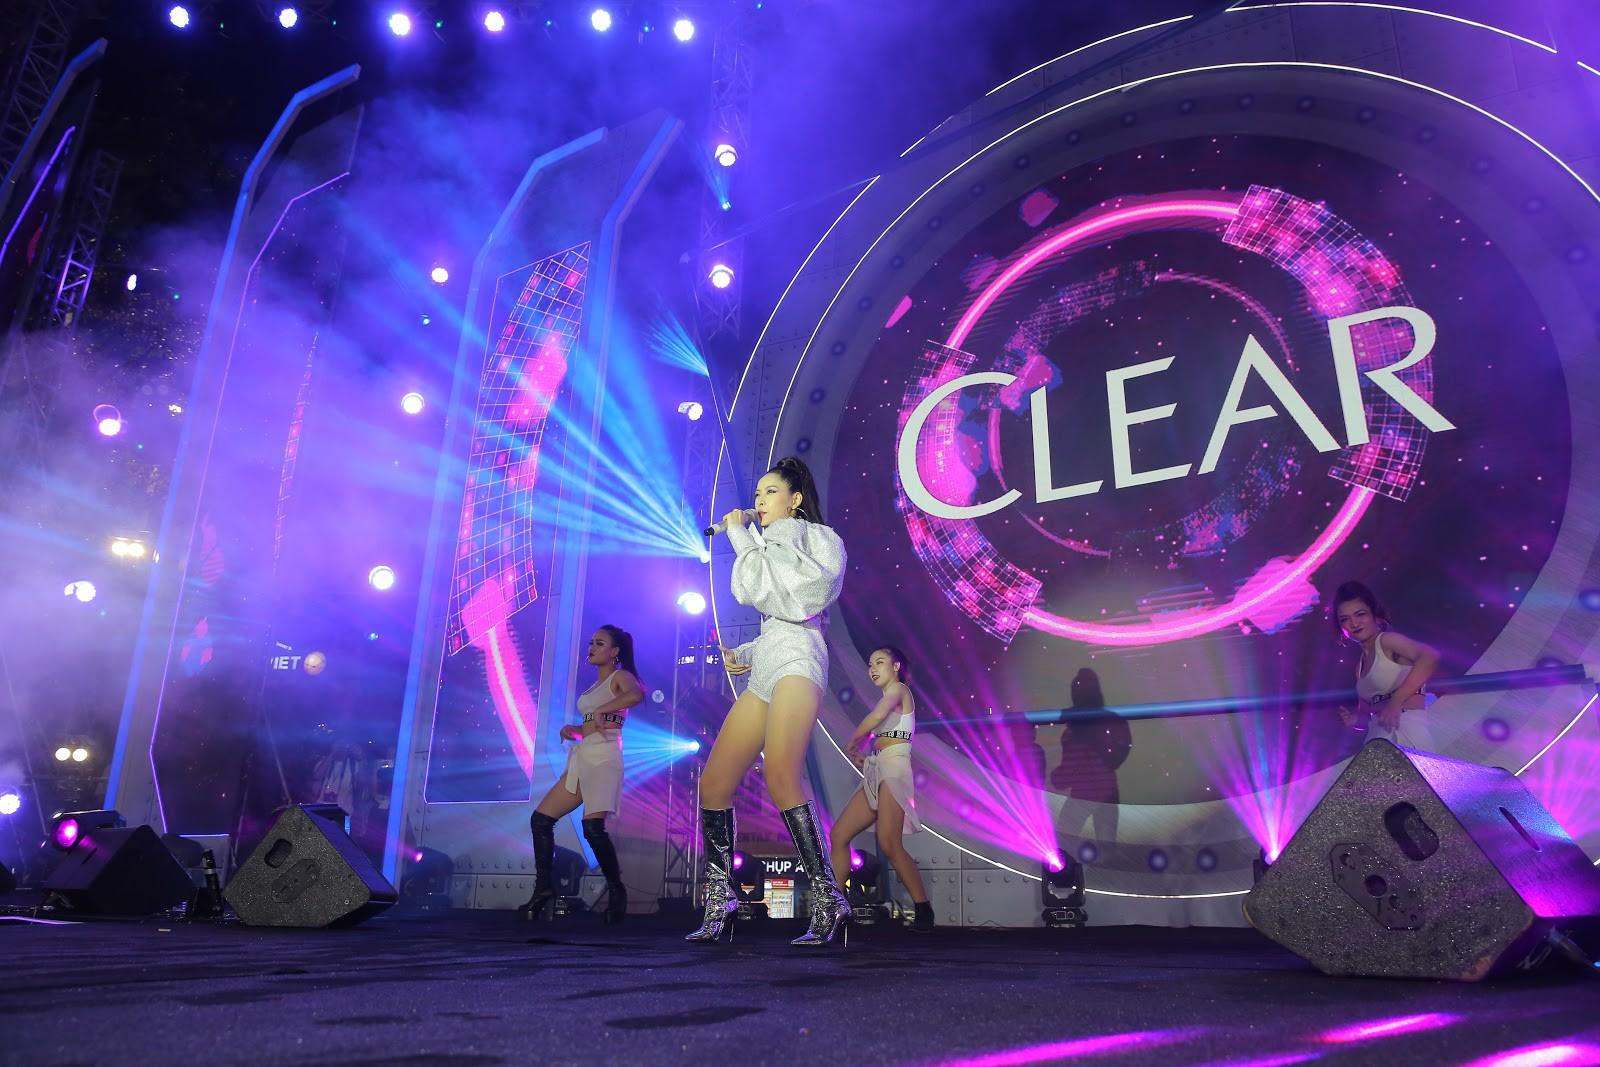 Giới trẻ Hà Nội quẩy tung mát lạnh trong đại tiệc nước và âm nhạc Clear cực đỉnh - Ảnh 9.